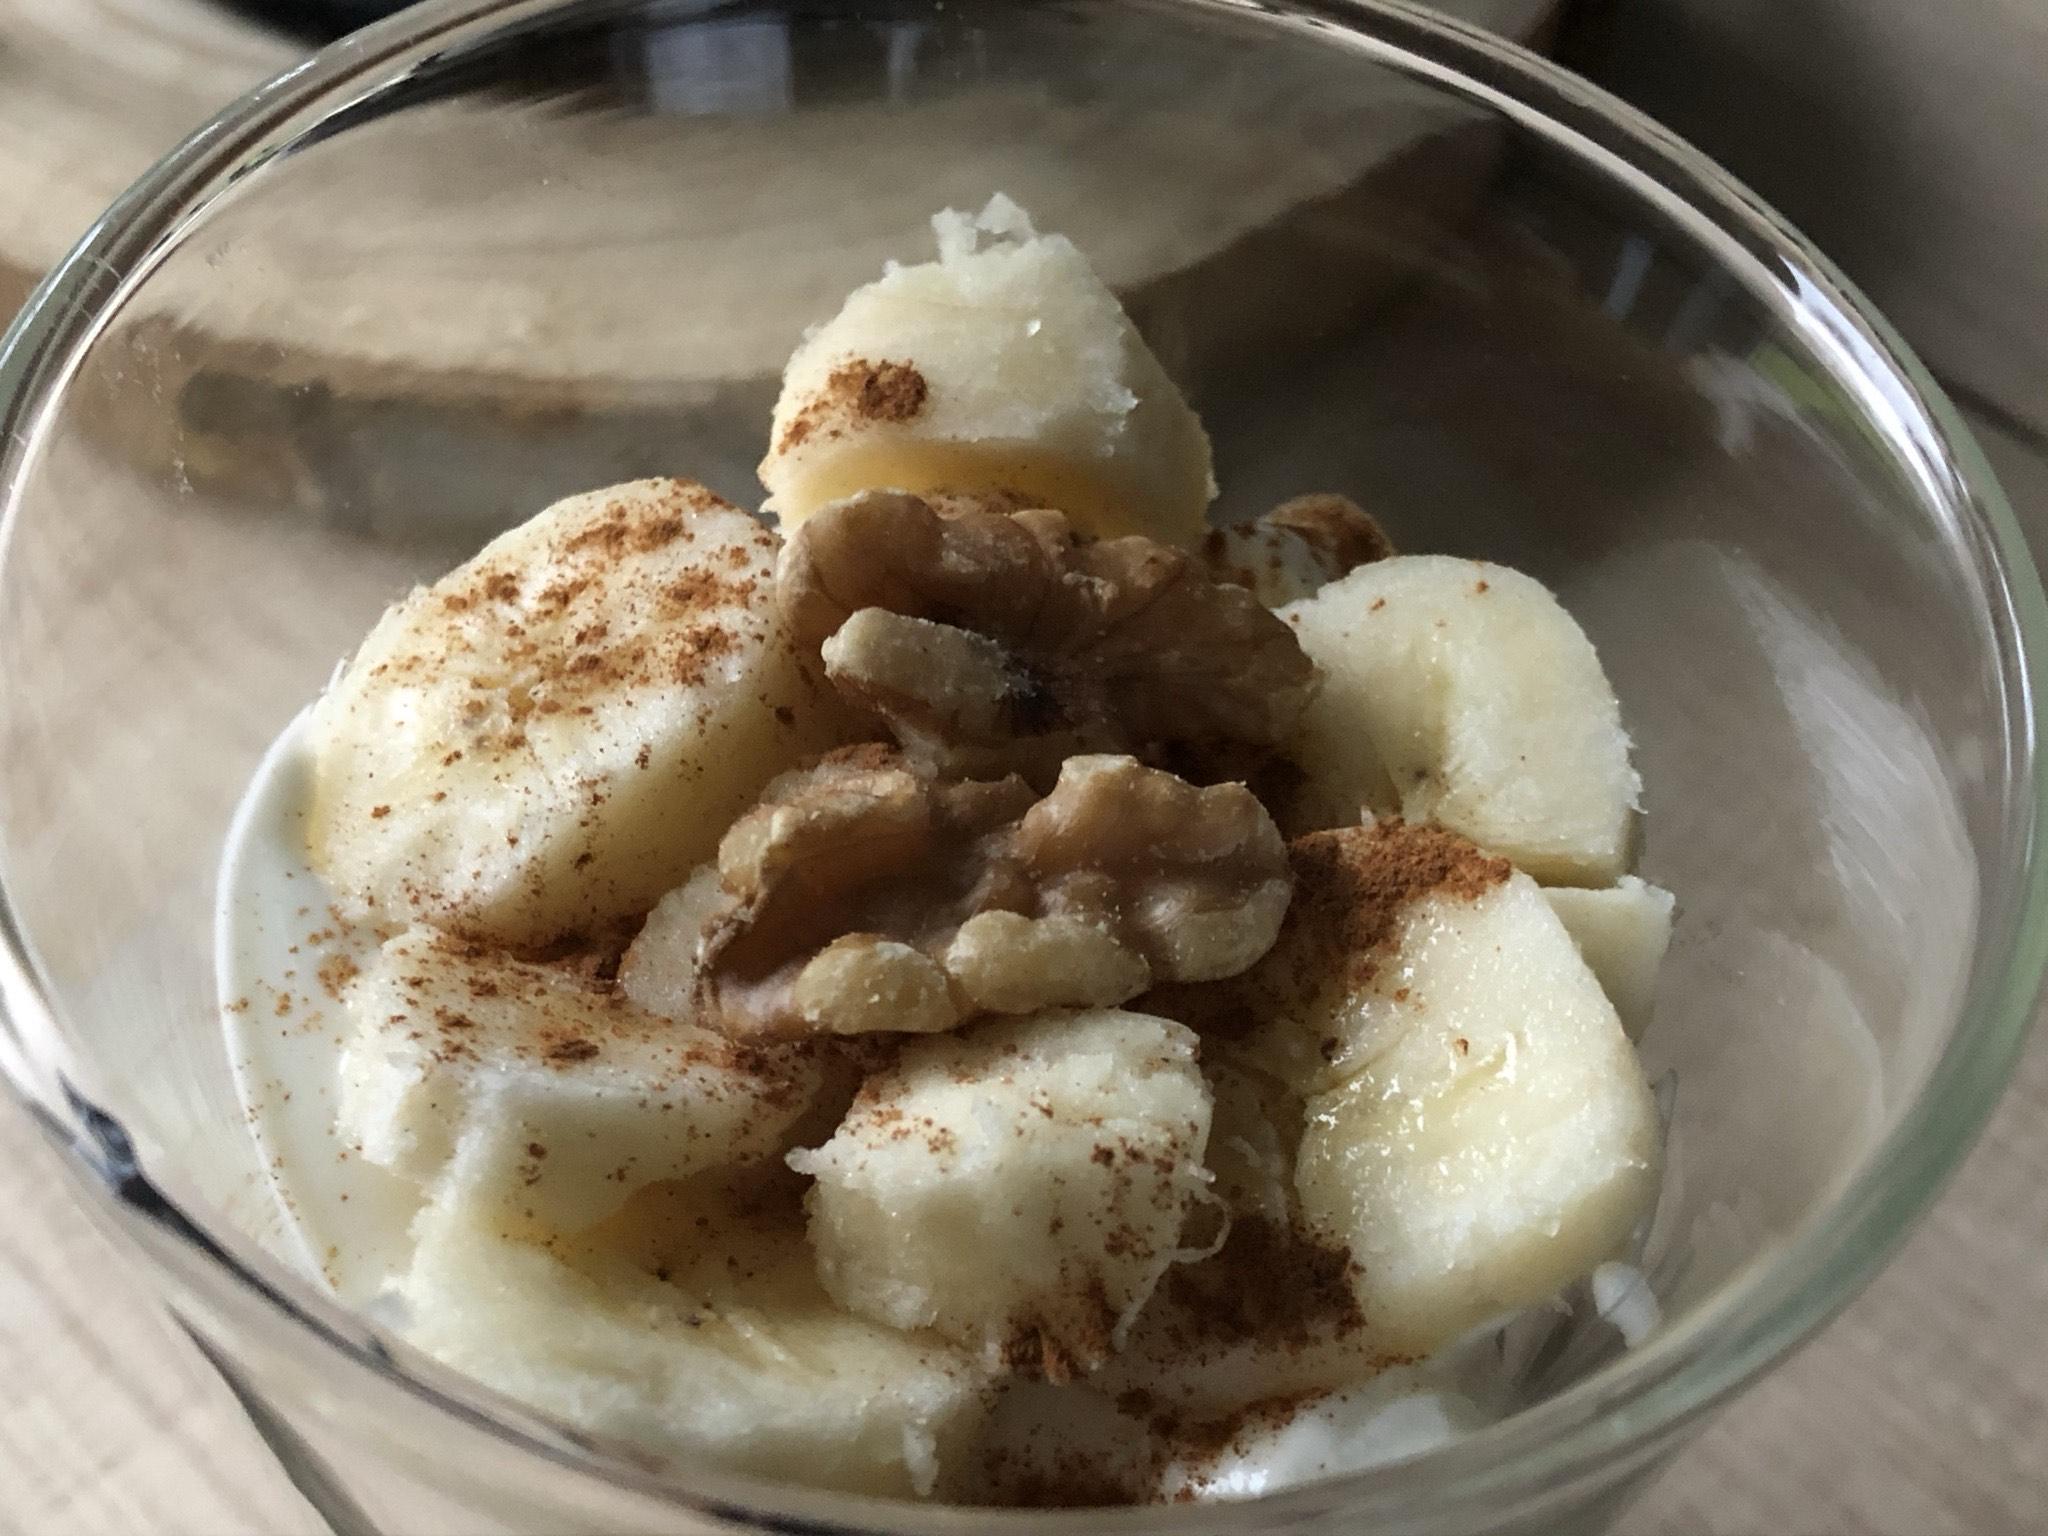 recept eten gerecht Paola Timmermans ontbijt ontbijten Paola Timmermans indebuurt indebuurt-kok